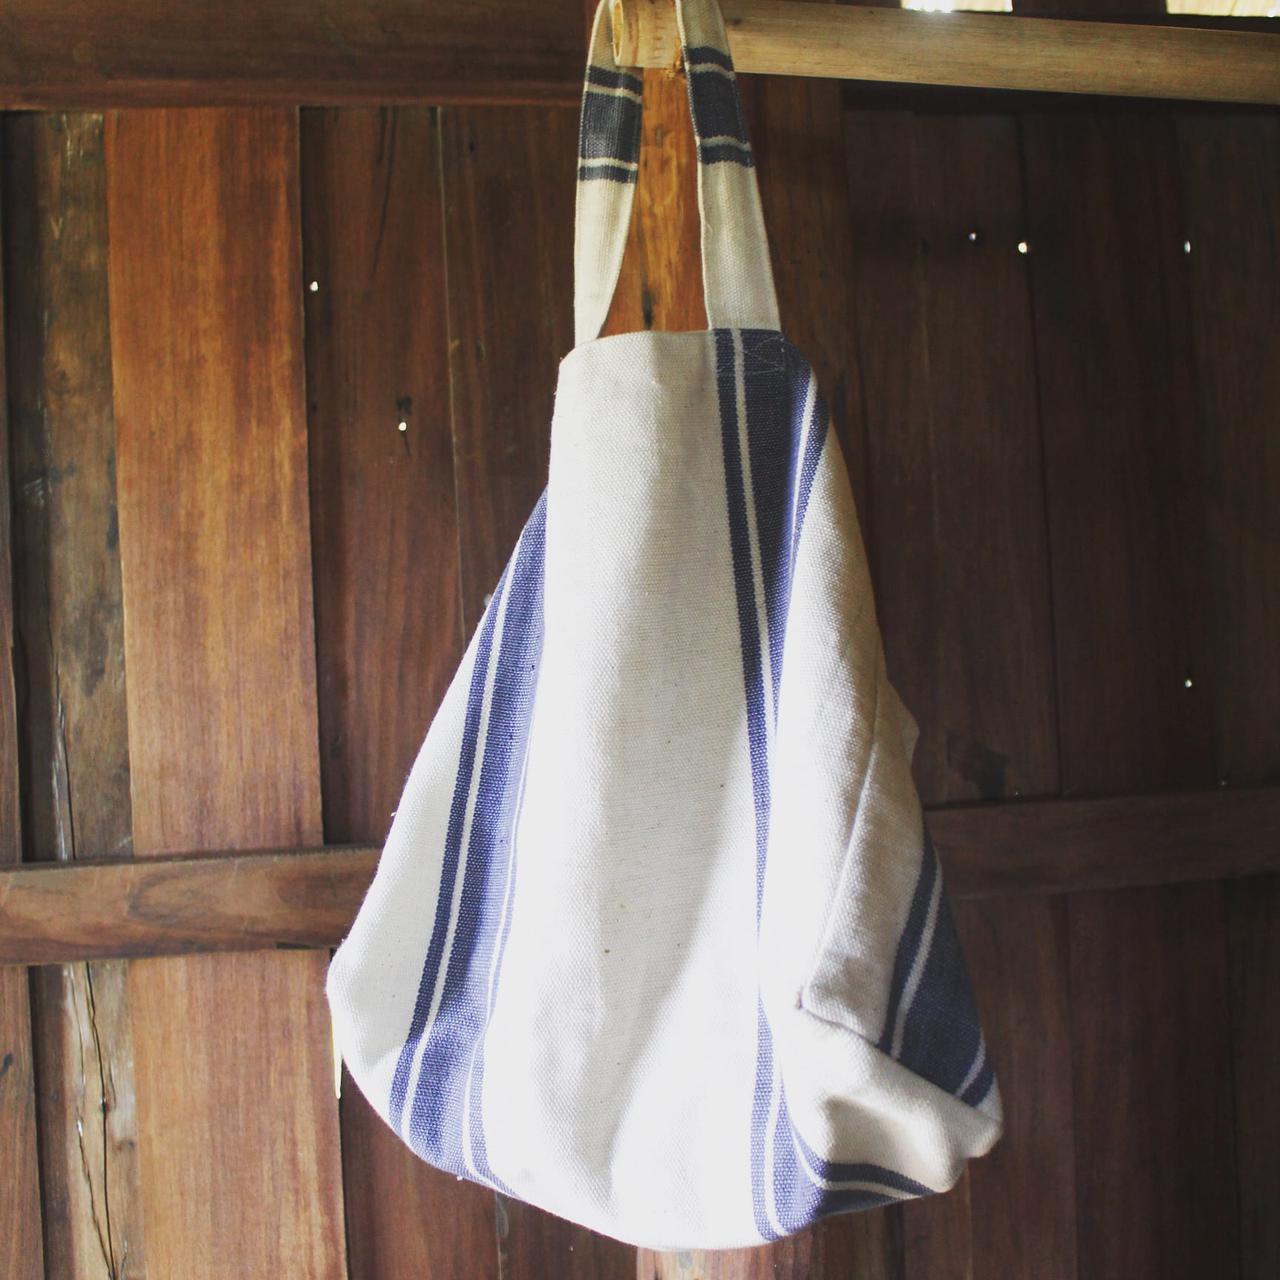 画像: ミャンマー中部にあるパコック地方の村で制作しているモリンガのビーチバック。海への旅の経験から生まれたバッグです